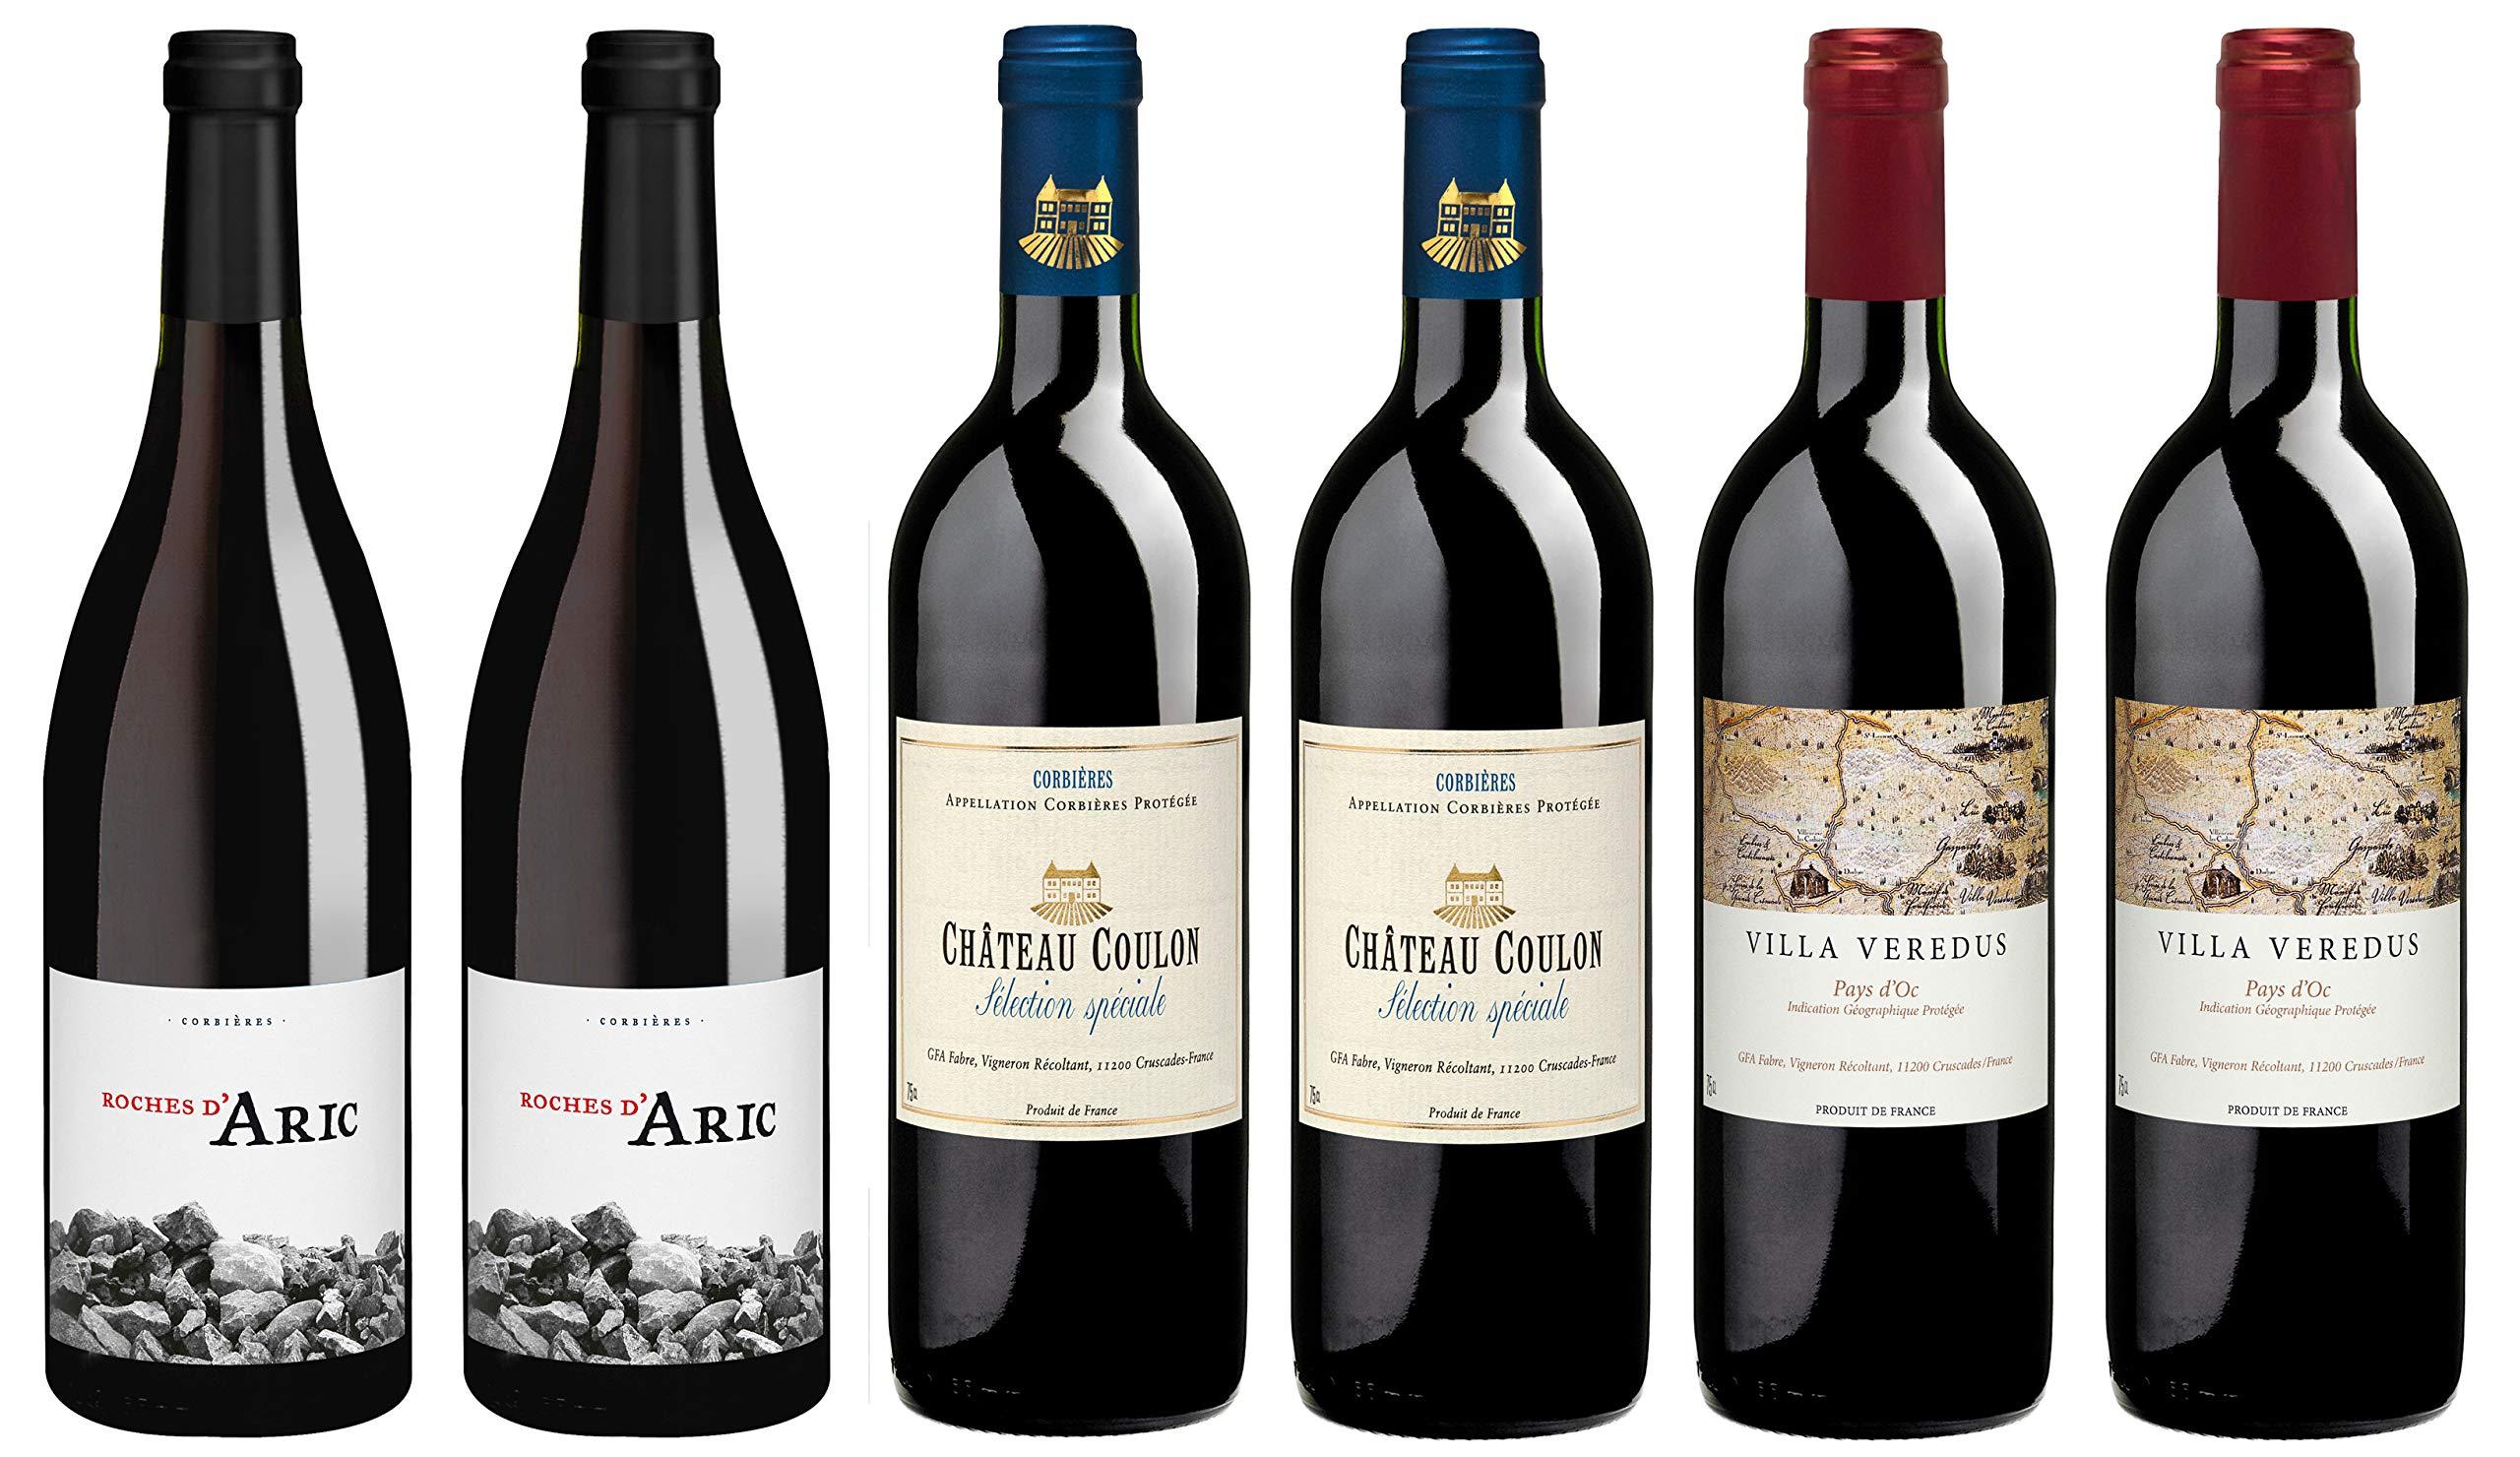 Delinat-Bio-Wein-Probierpaket-Rotwein-Languedoc-Sdfrankreich-Trocken-Vegan-6-x-075-l